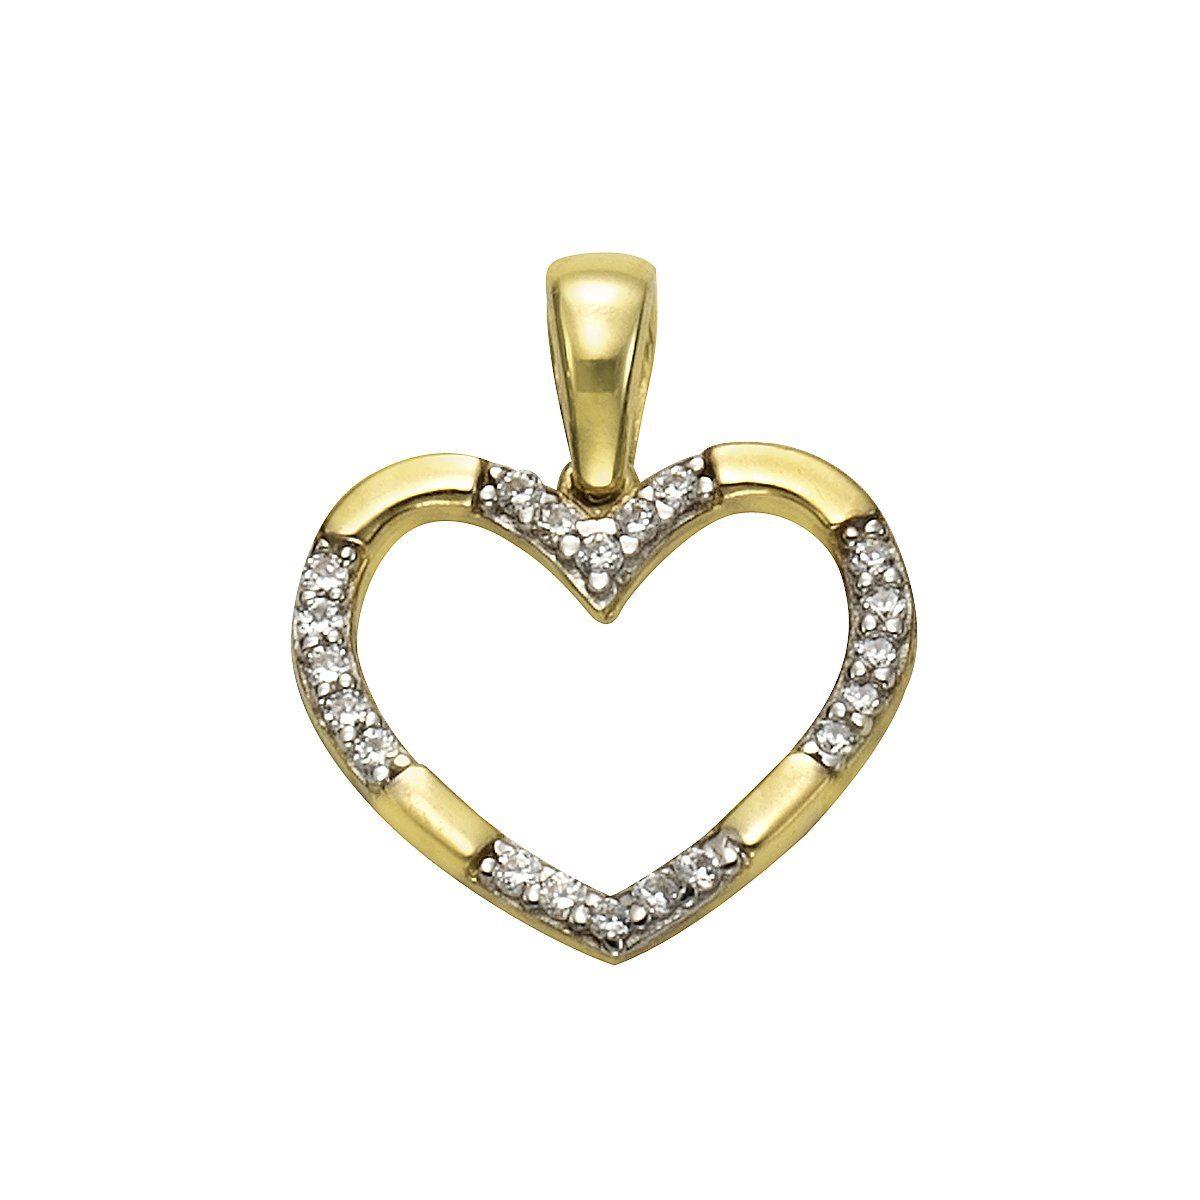 VIVANCE Anhänger 333/- Gelbgold zweifarbig Herz | Schmuck > Halsketten > Herzketten | Bunt | Vivance